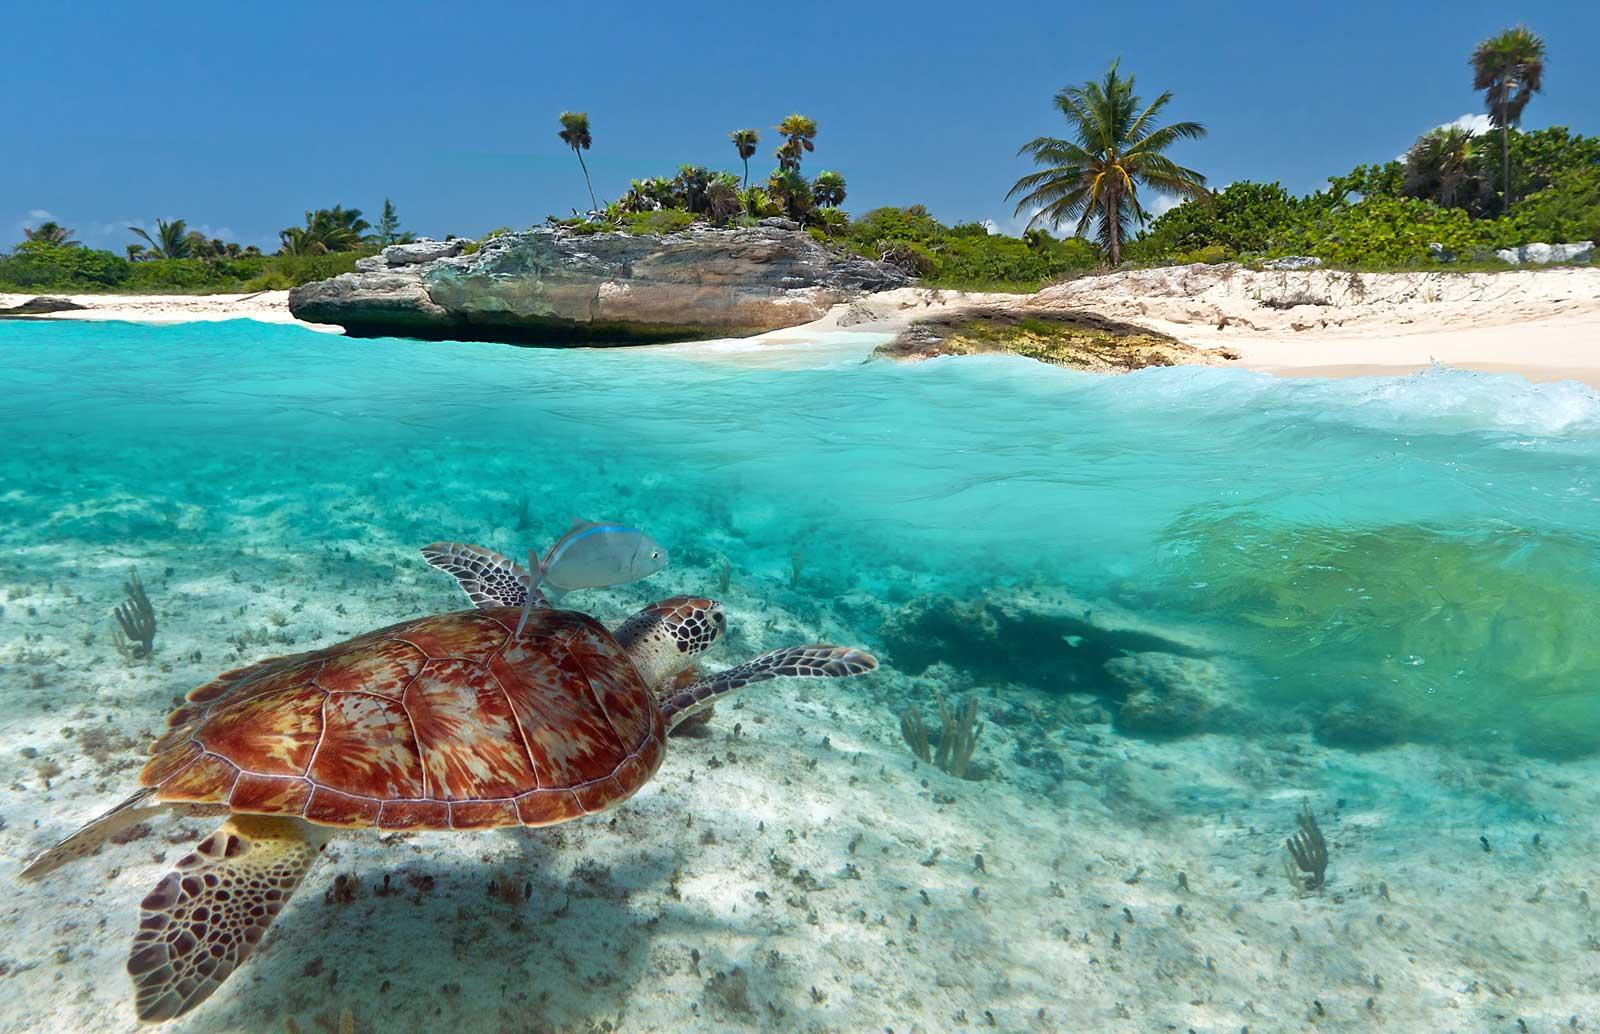 CRUISE ITINERARYDay 1Miami - Departs at 07:00 PMDay 2At SeaDay 3Costa Maya - Arrives at 09:00 AMDay 4At SeaDay 5The Beach Club At Bimini - Arrives at 09:00 AMDay 6Miami - Arrives at 06:30 AM -